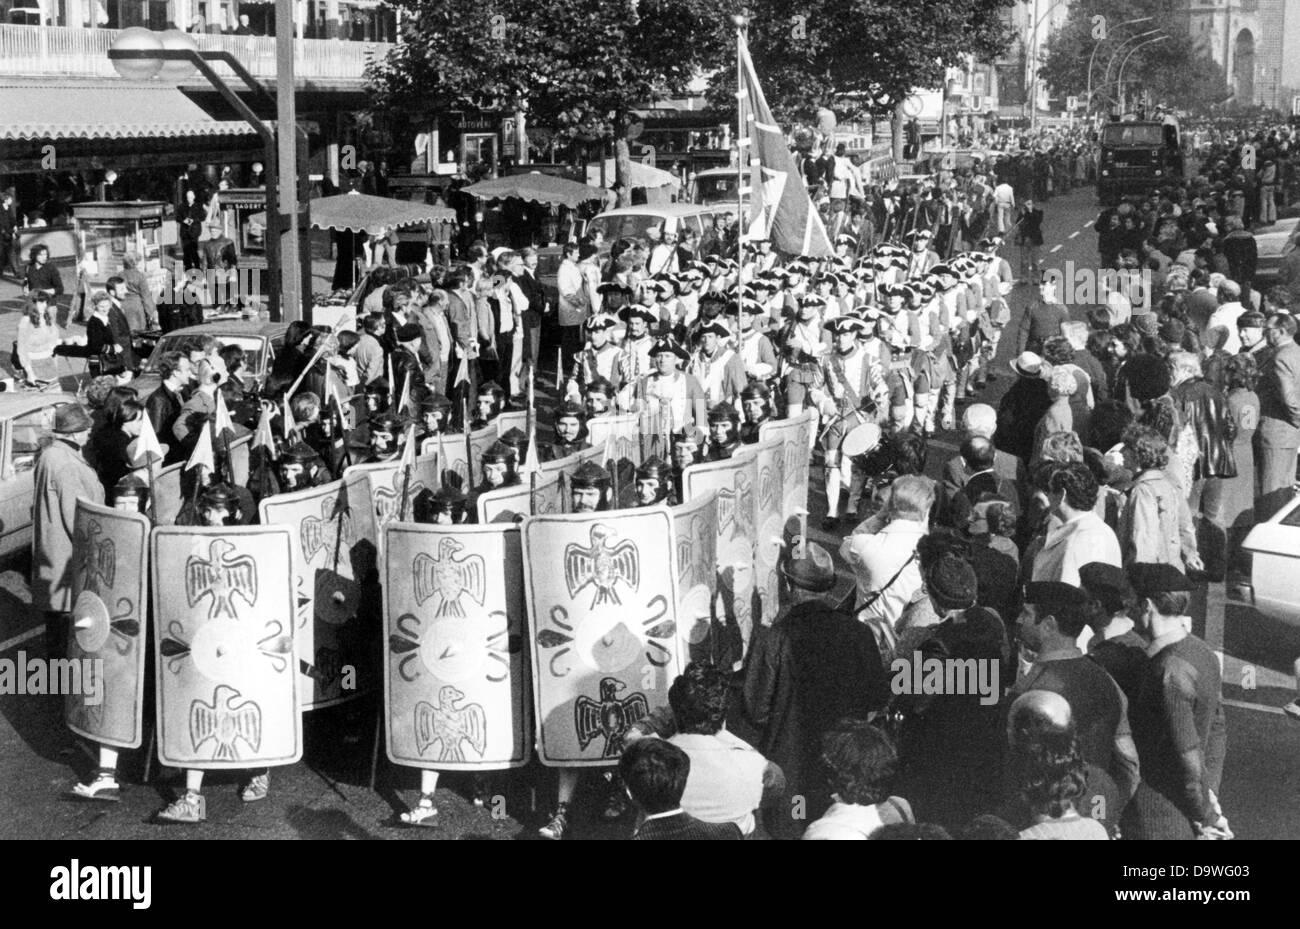 britische soldaten marschieren in einer parade f r die britische berlin tattoo auf dem. Black Bedroom Furniture Sets. Home Design Ideas